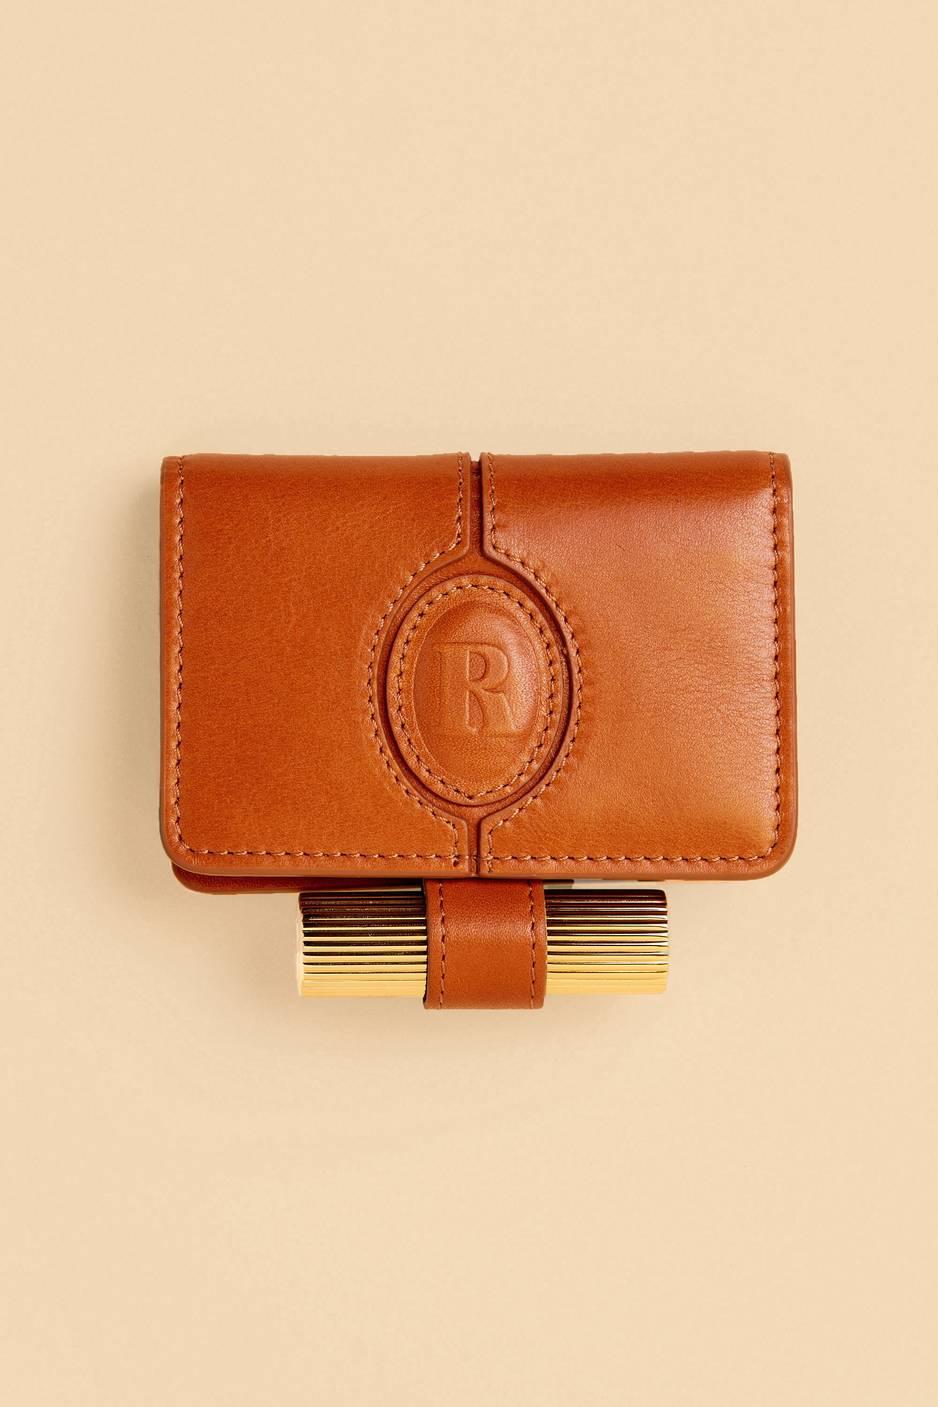 KIKI wallet